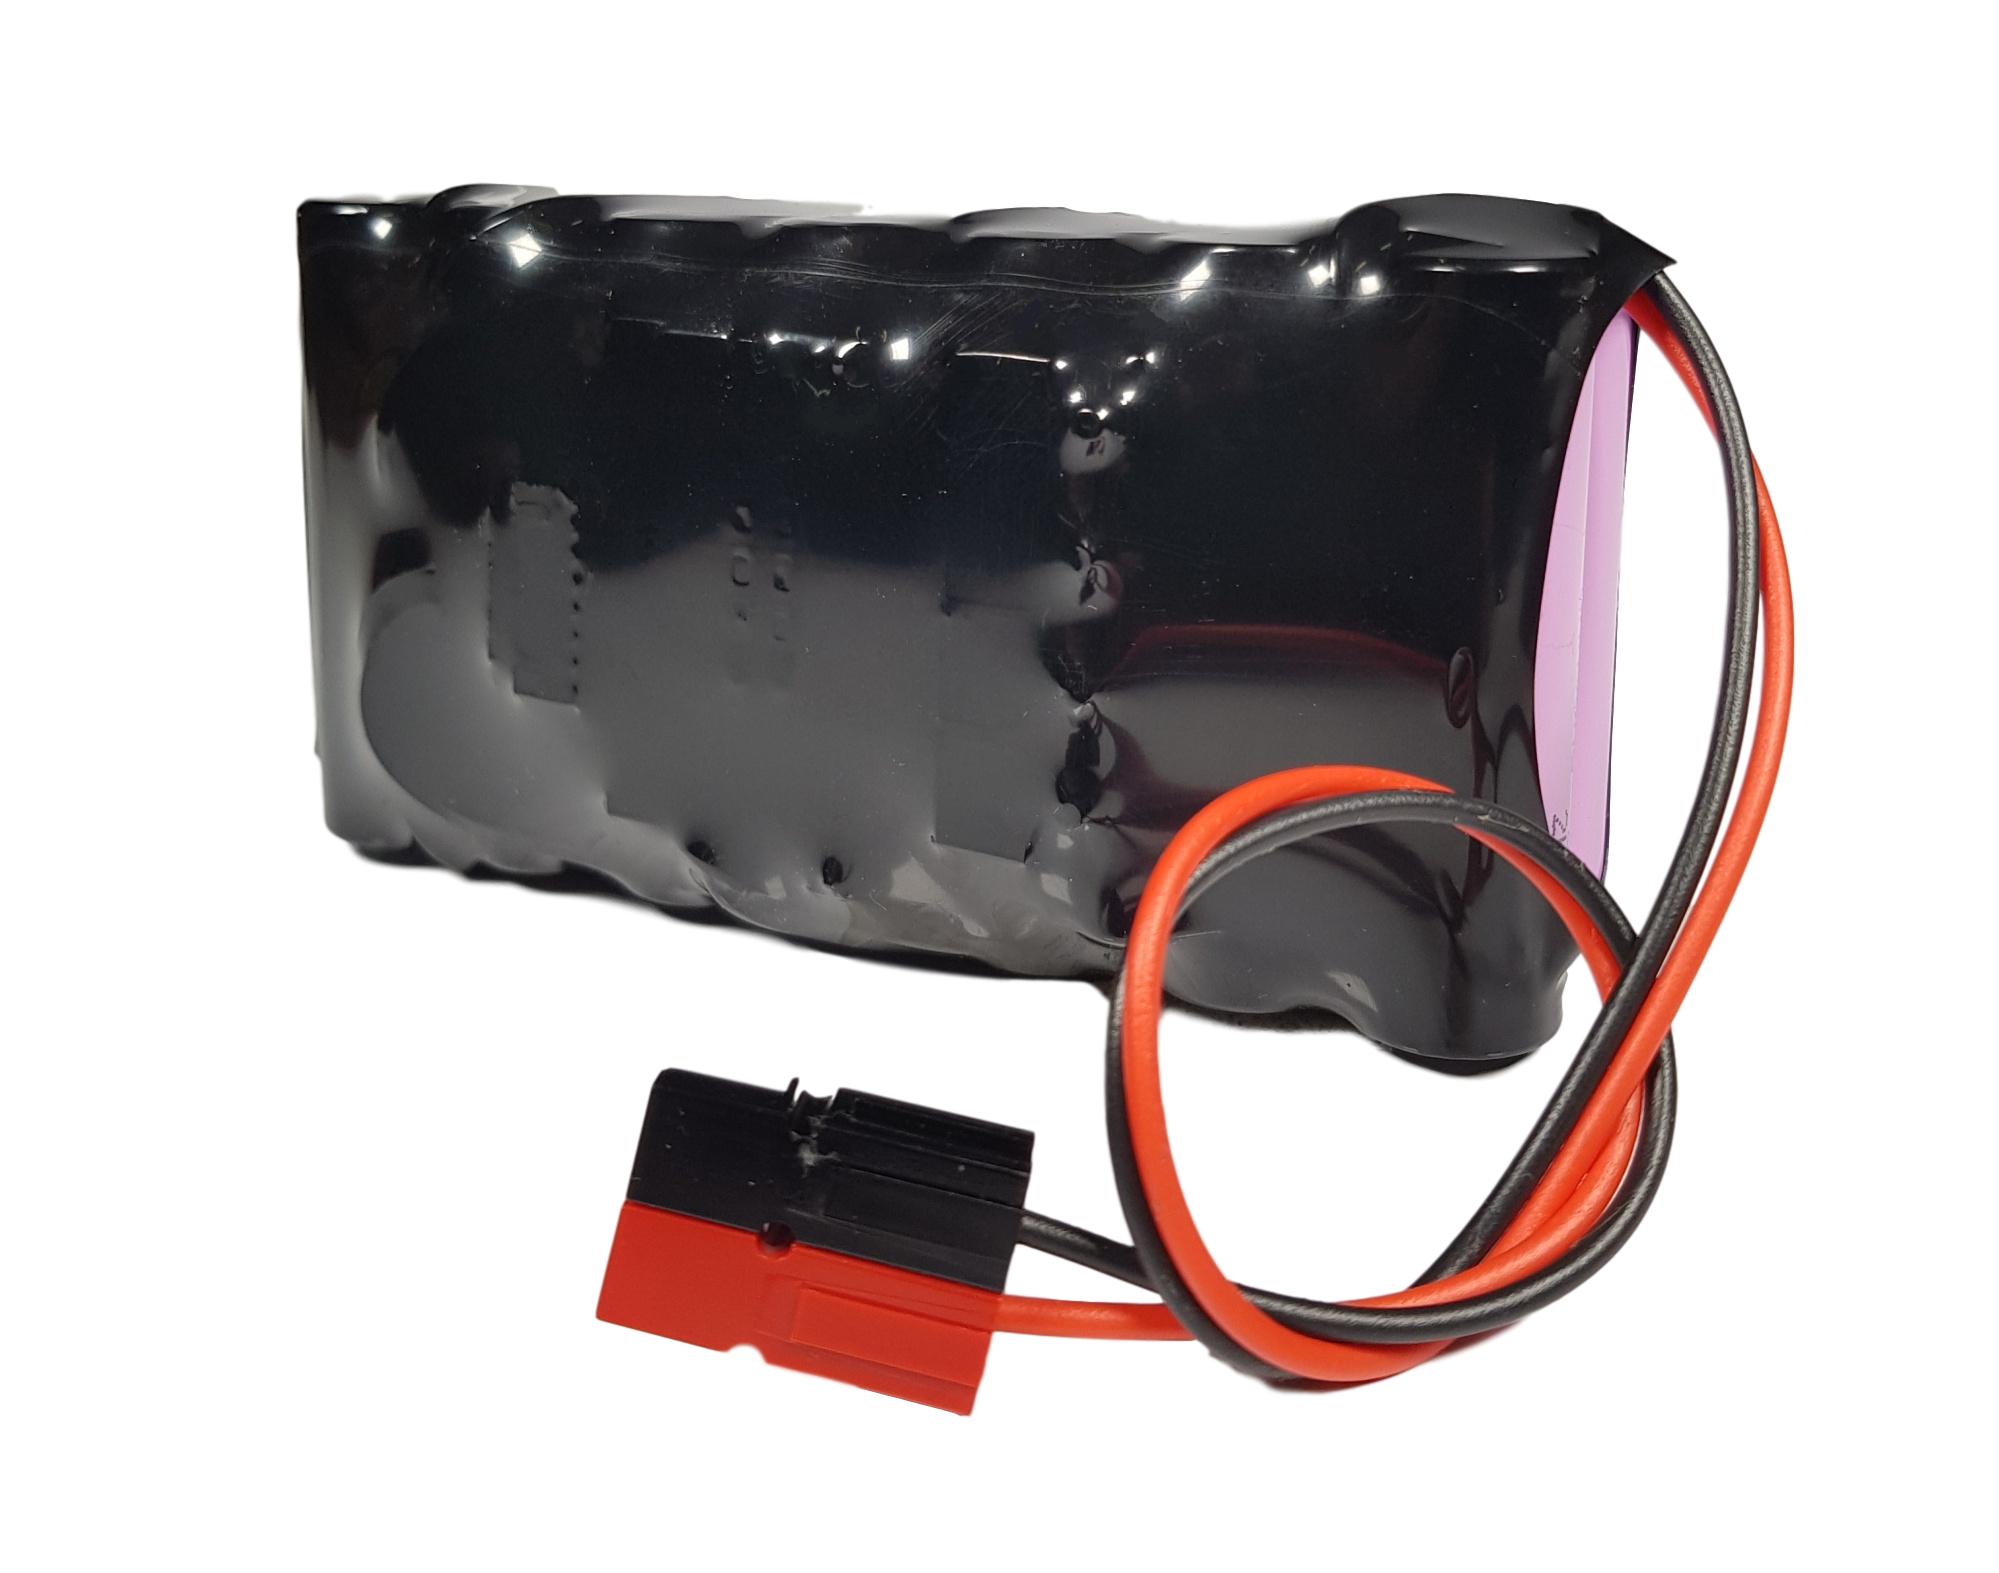 Batterijpack Lithium Samsung 25,2V 6800mAh 2x7SBS met BMS - Anderson aansluiting